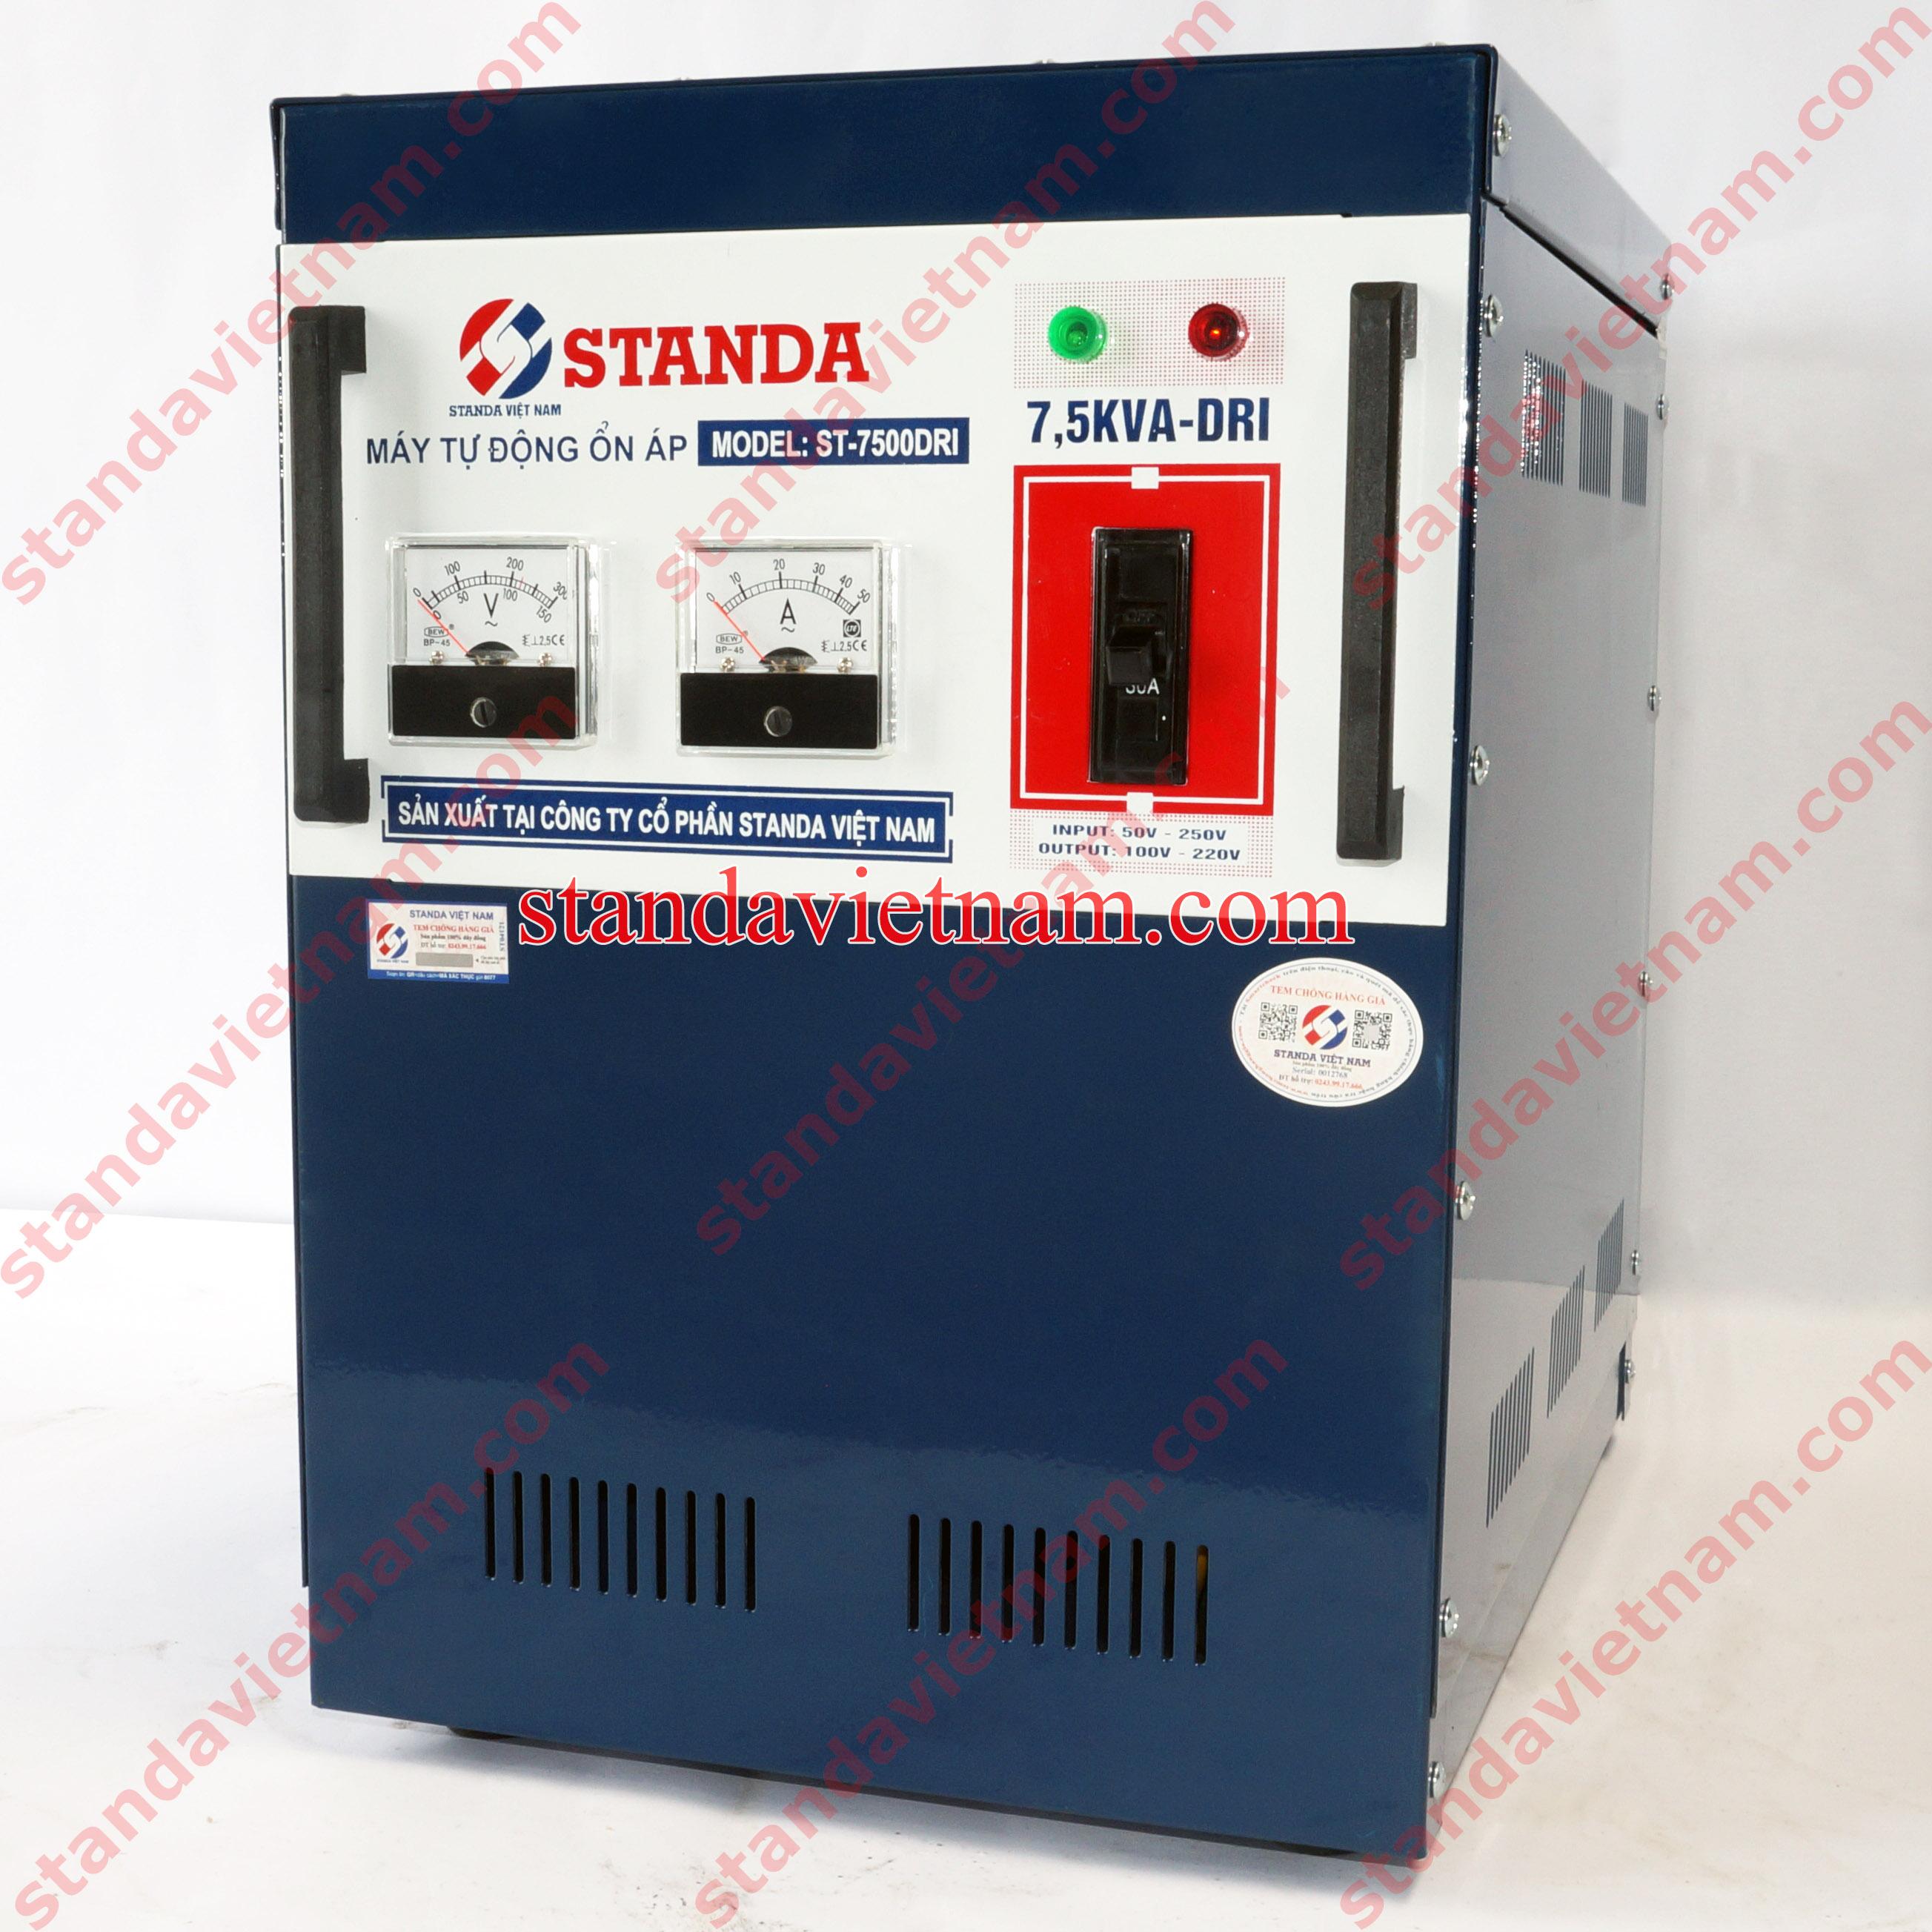 Ổn áp Standa 7,5KVA-DRI dải điện áp 50-250V